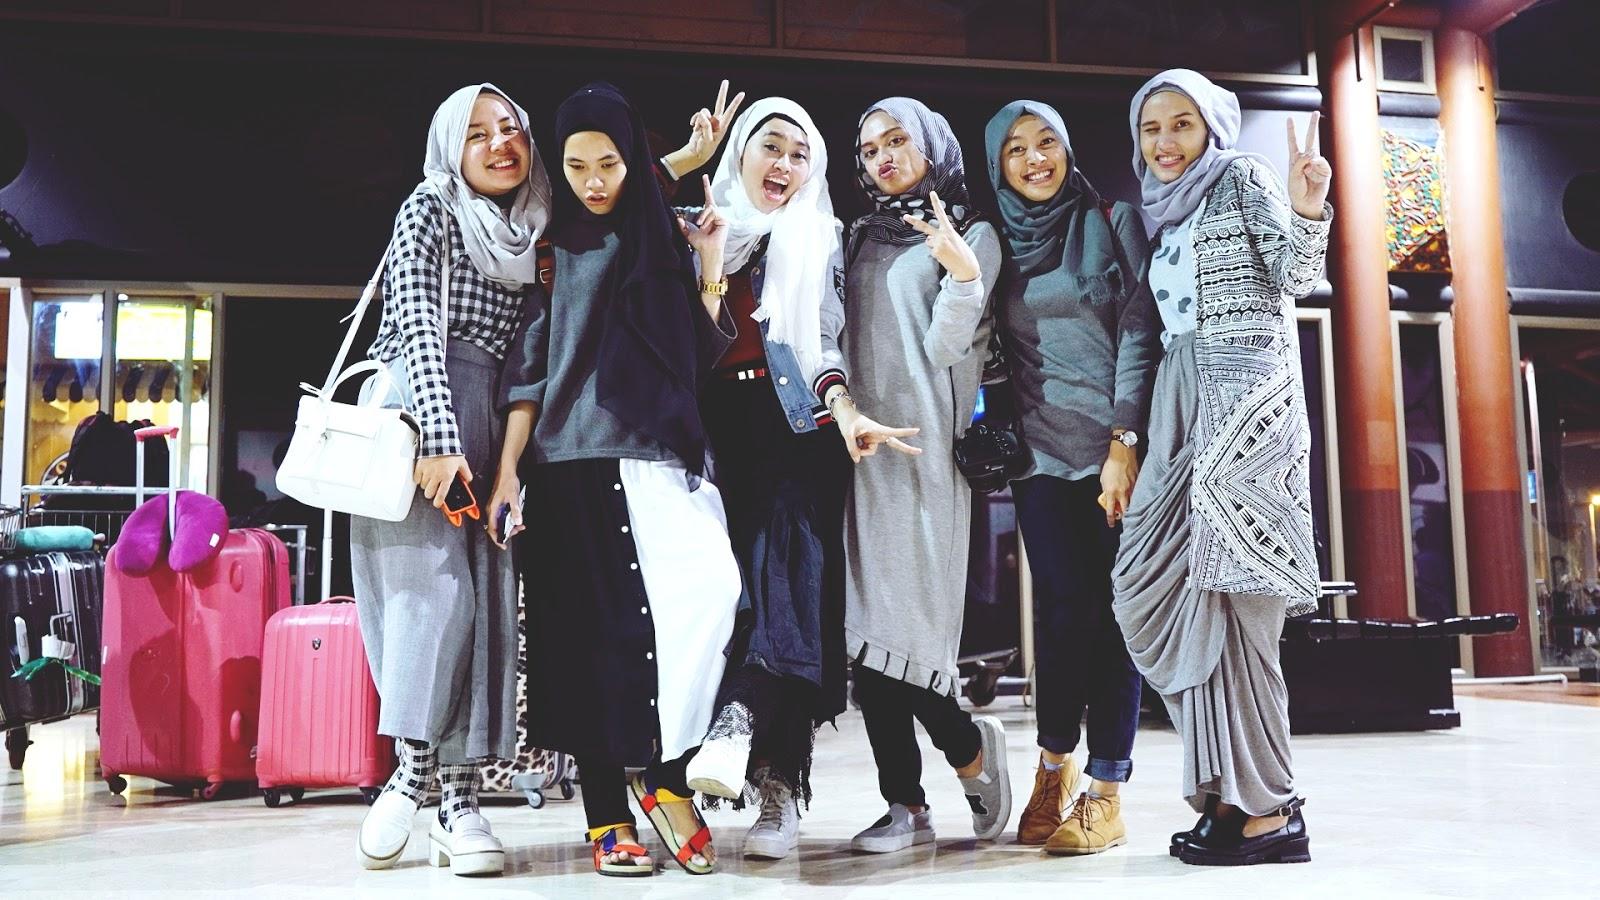 Empat Item Fashion Yang Wajib Dimiliki Jika Ingin Berpenampilan Ala Artis Korea Blog Behijab